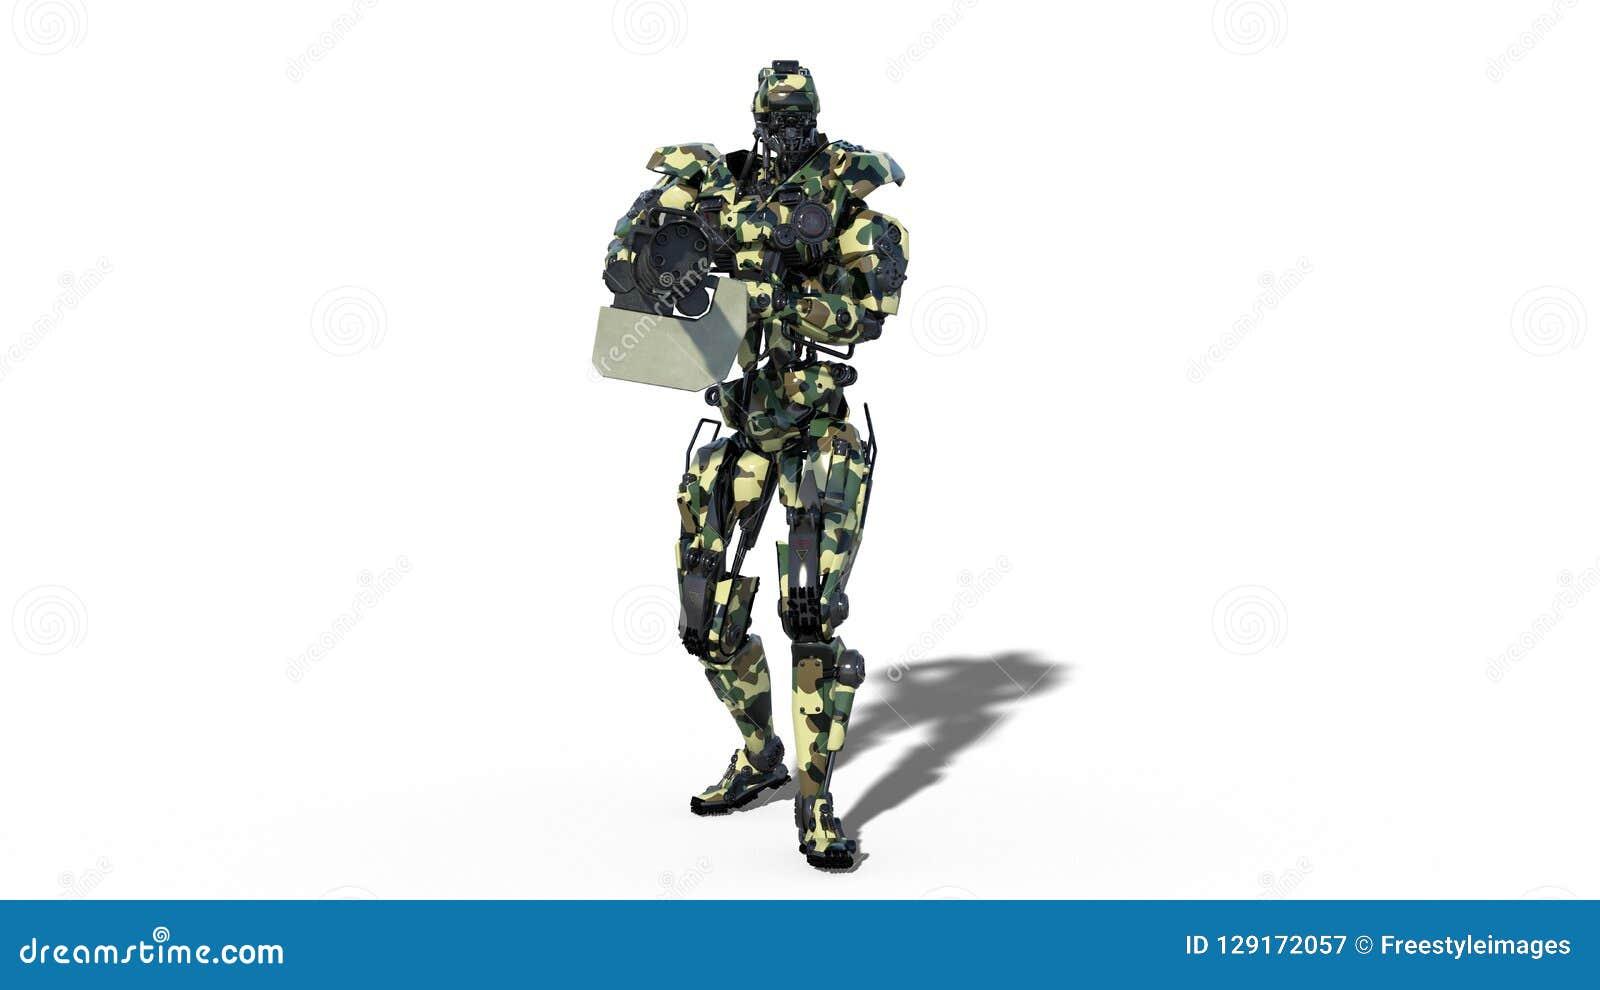 Armeeroboter, Cyborg der bewaffneten Kräfte, militärisches androides Soldatschießenmaschinengewehr auf weißem Hintergrund, Vorder